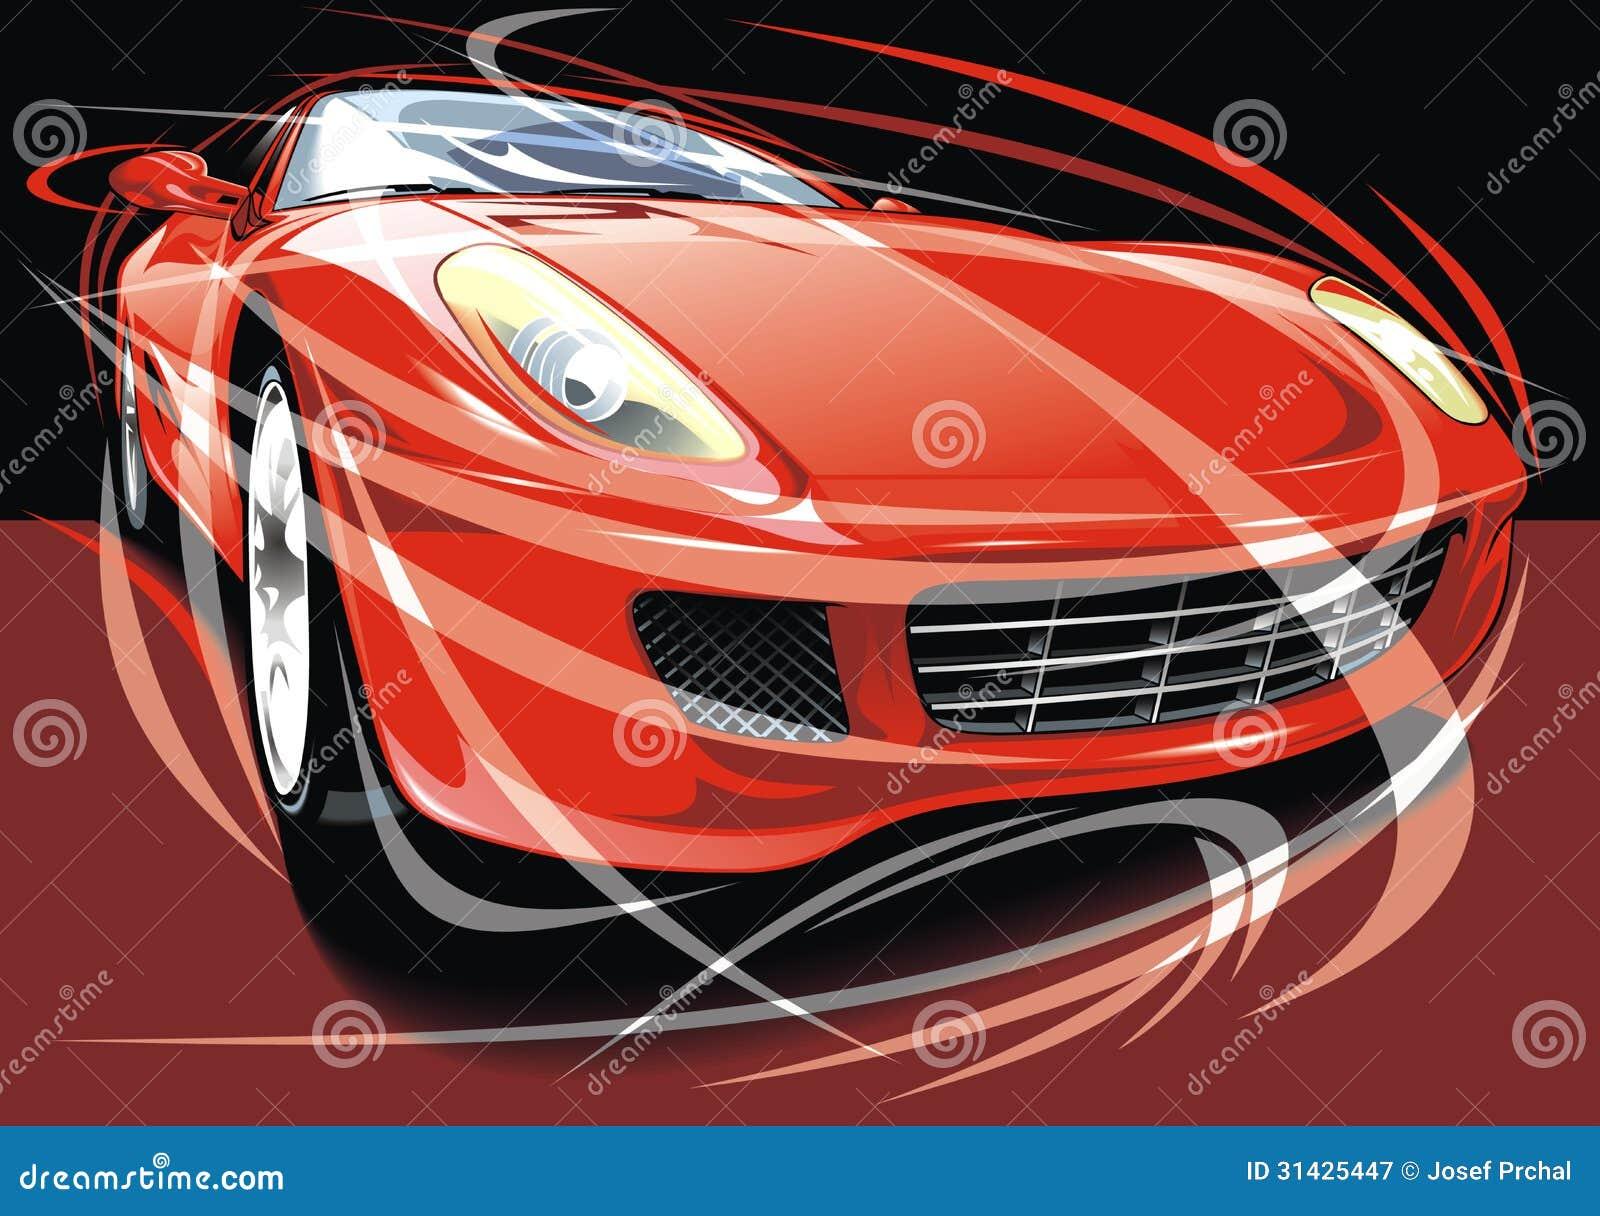 我有一辆旧汽车,要换新汽车,可不可以把旧汽车的车牌弄在新汽车上面图片